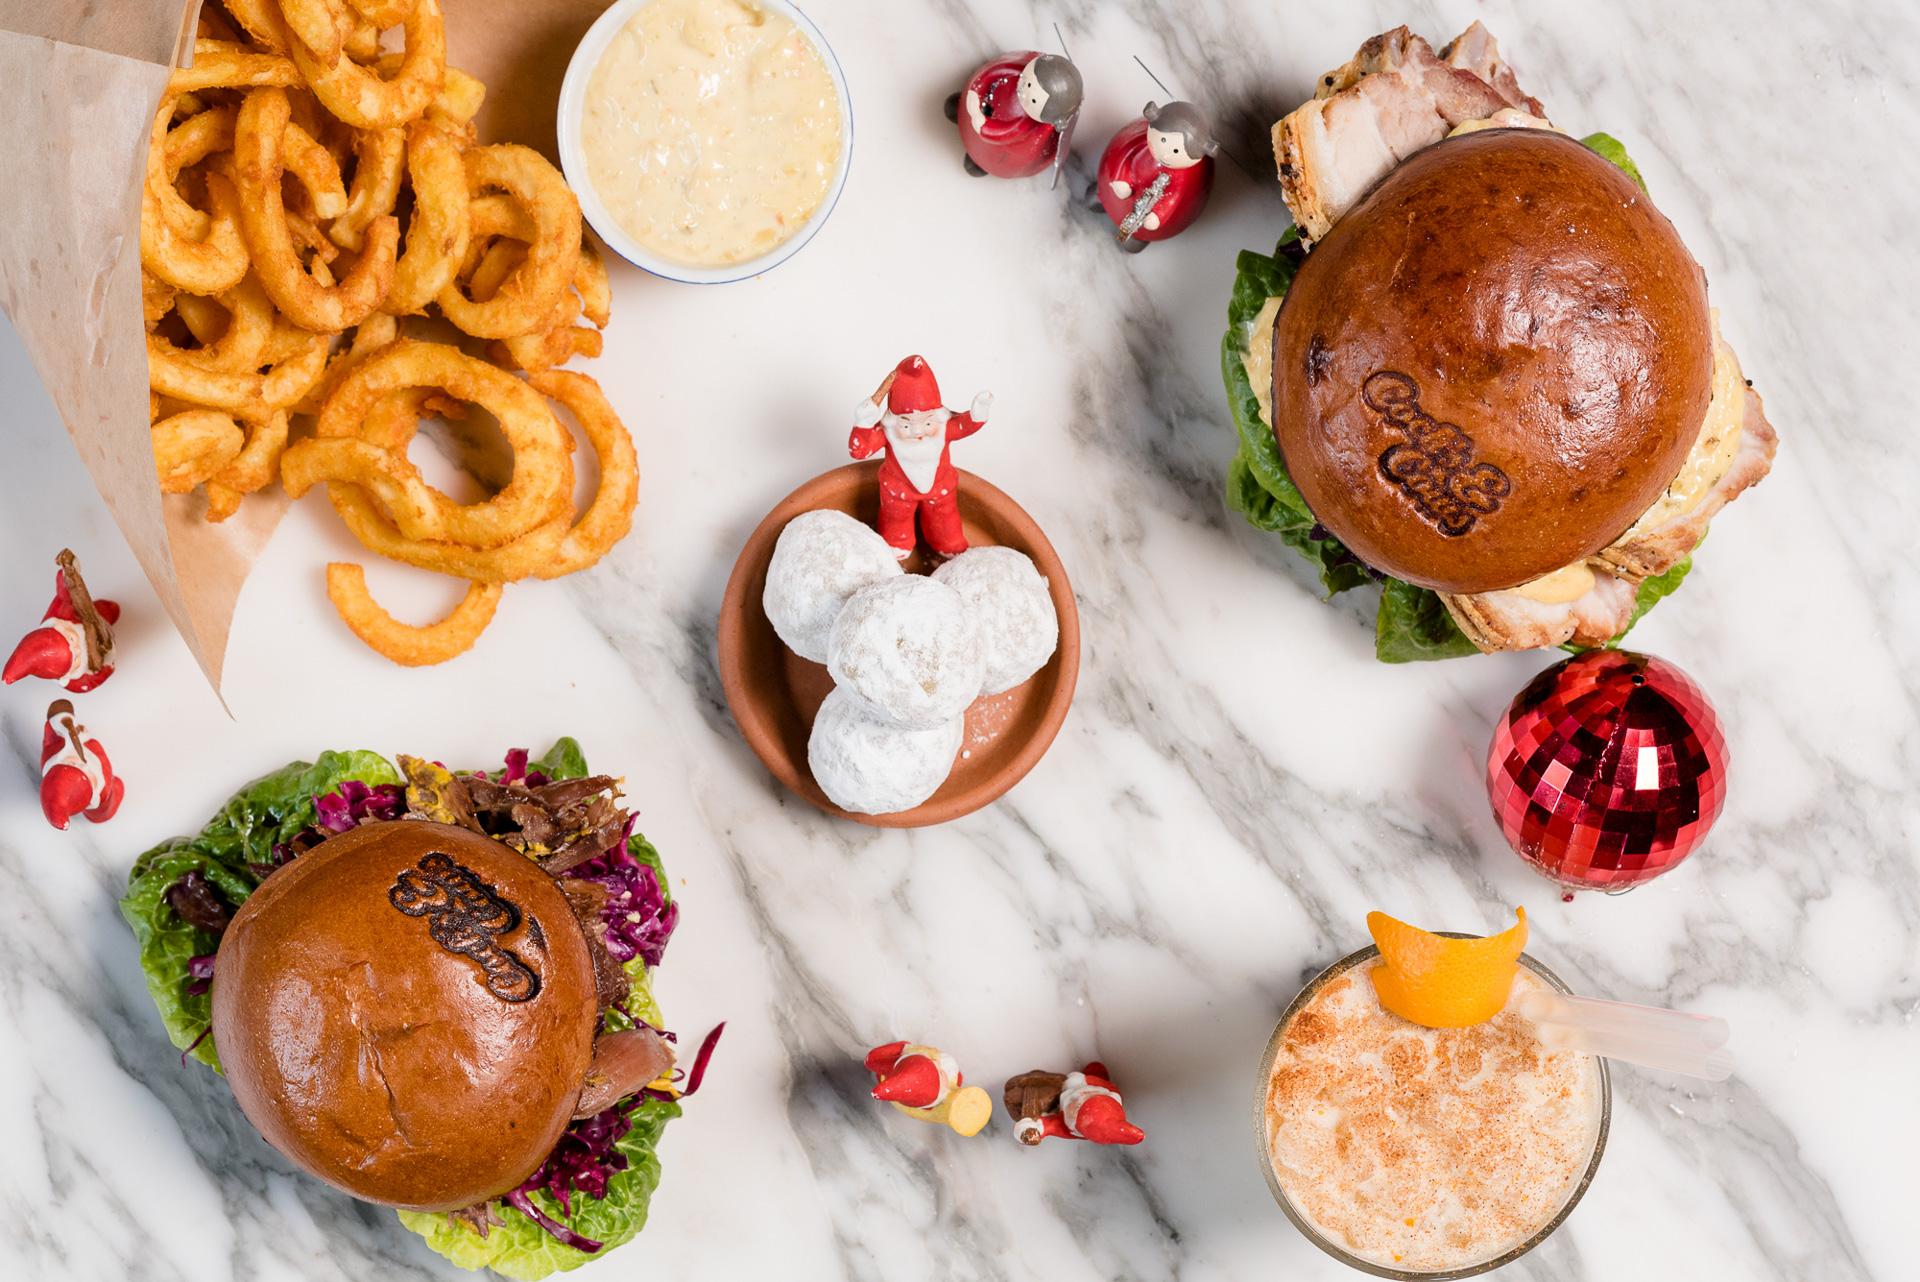 Find Den Gyldne Mandel hos Cock's & Cows: Utraditionel julefrokost og en rejse til Paris